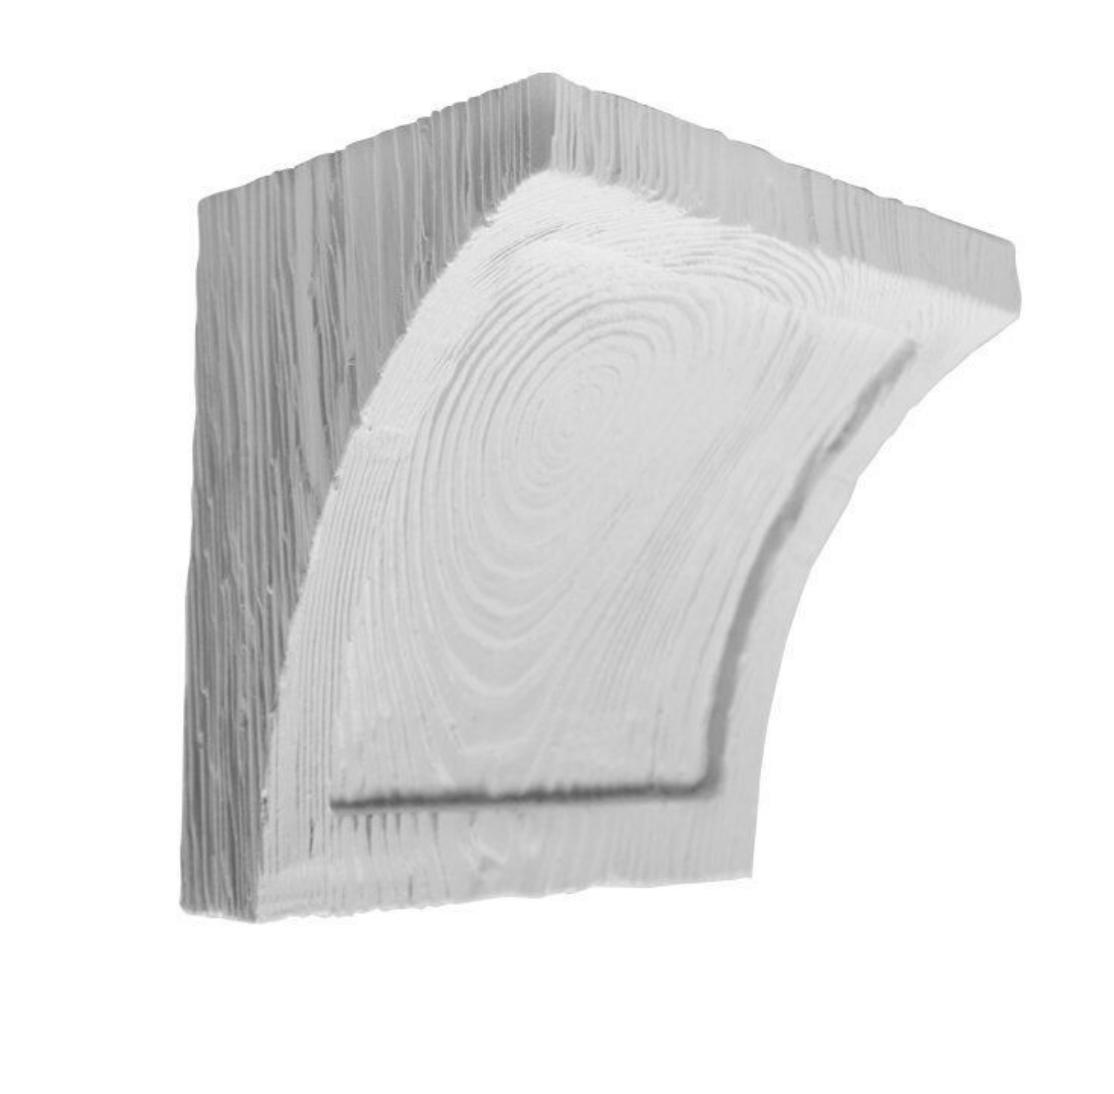 Консоль  EQ 025 classic біла 19х13 , лепний декор із поліуретану